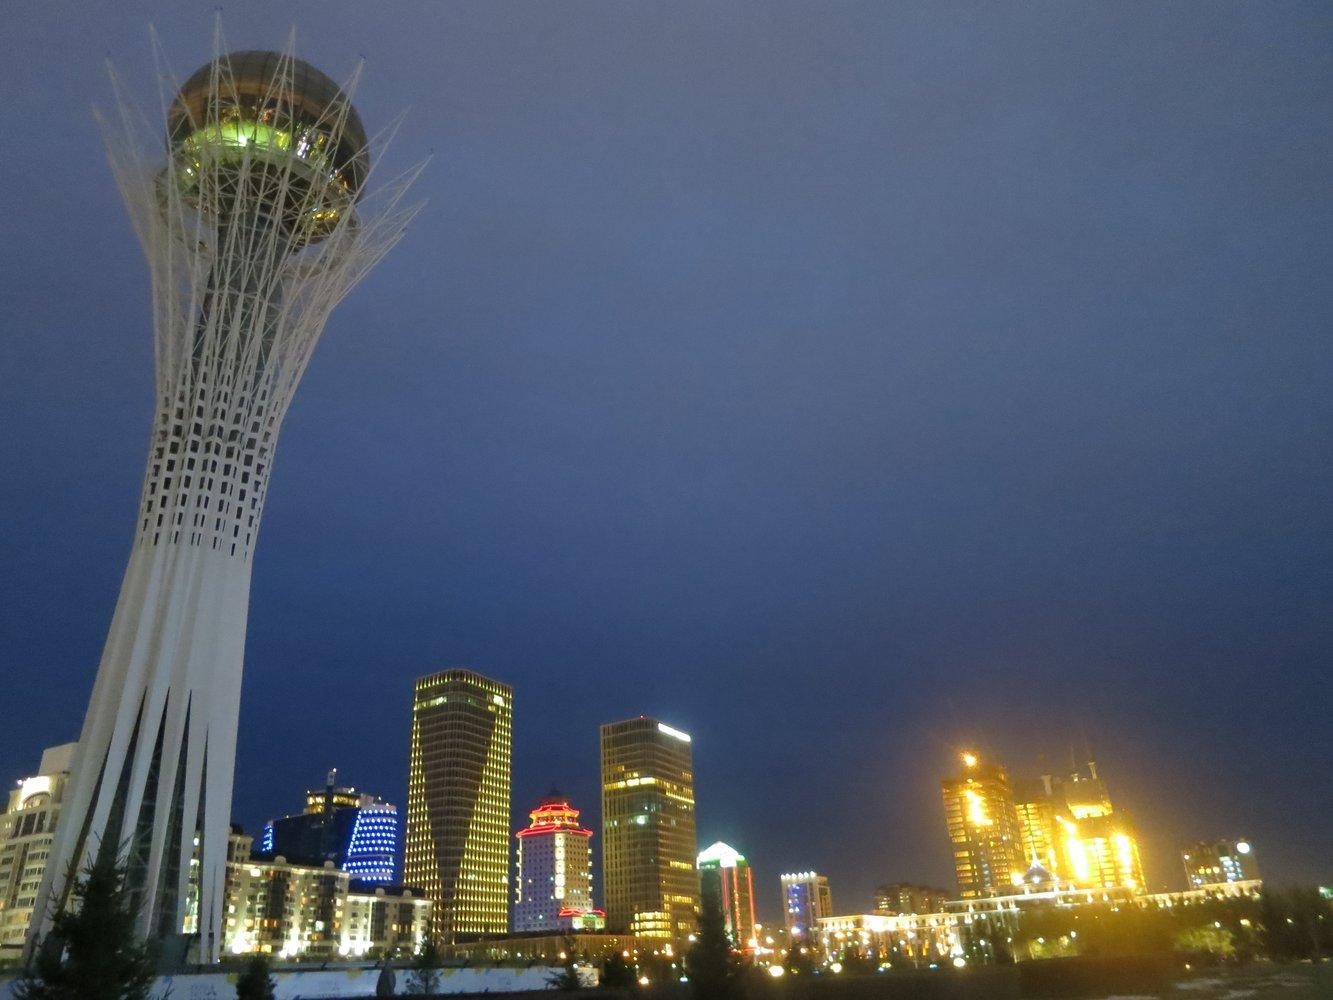 Astana, Kazakstan